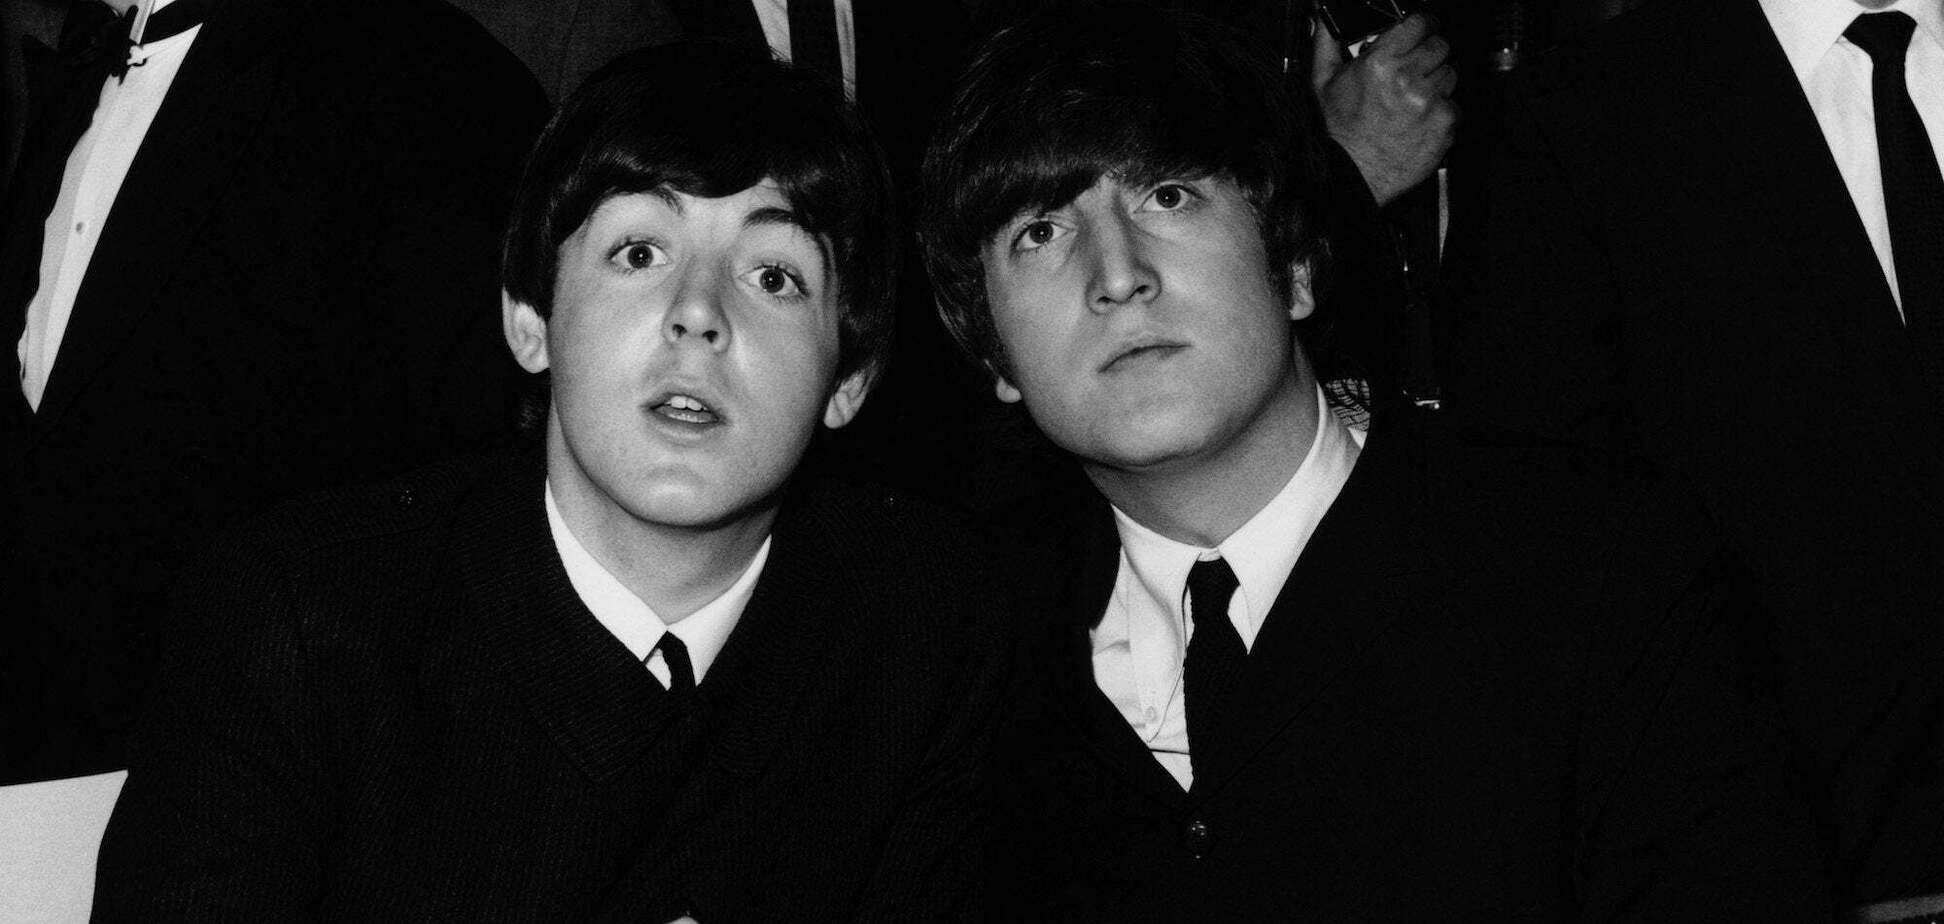 Правда про фотографию Джона Леннона